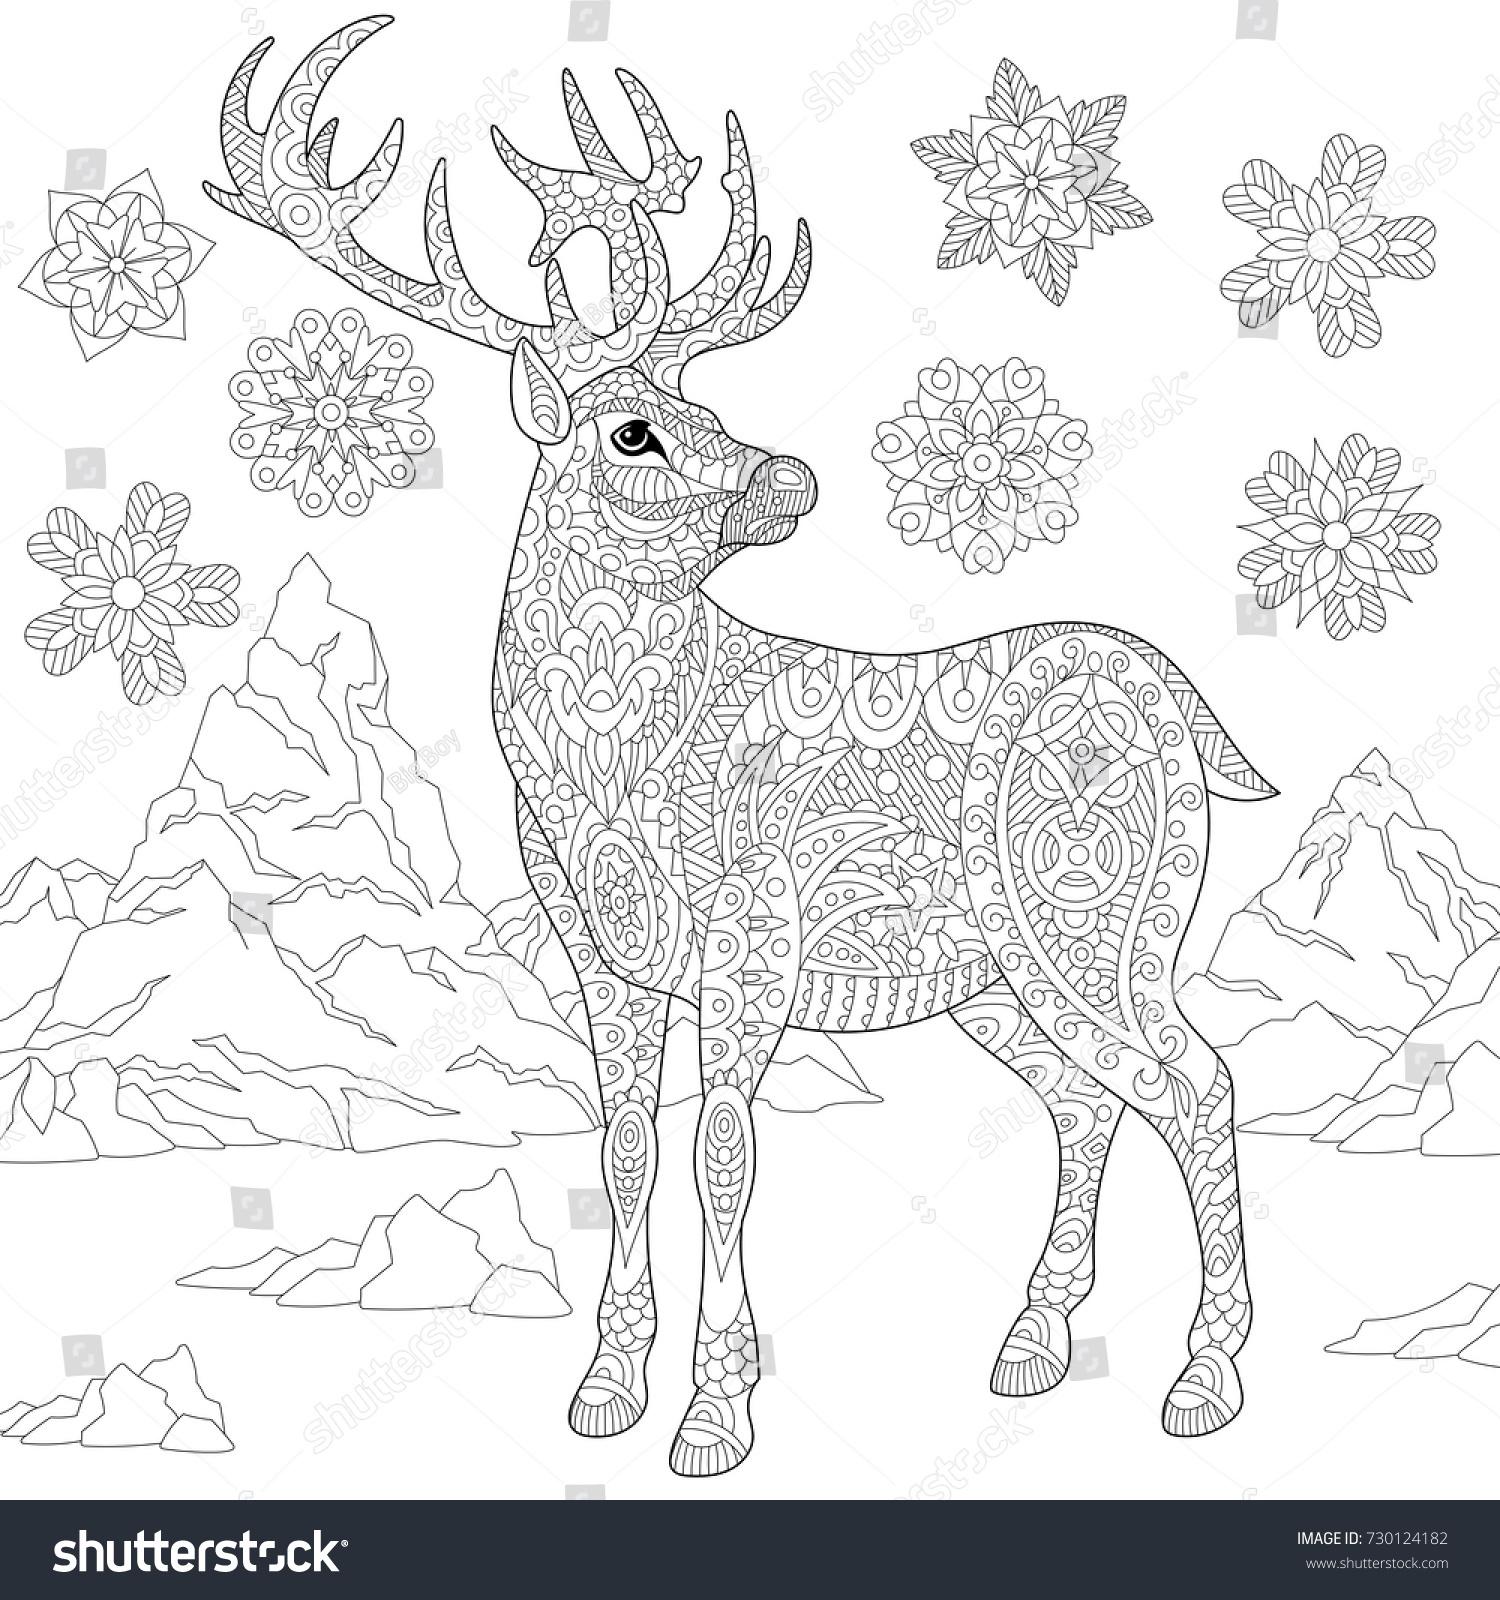 Coloring Page Deer Reindeer Winter Snowflakes Stock Vector 730124182 ...